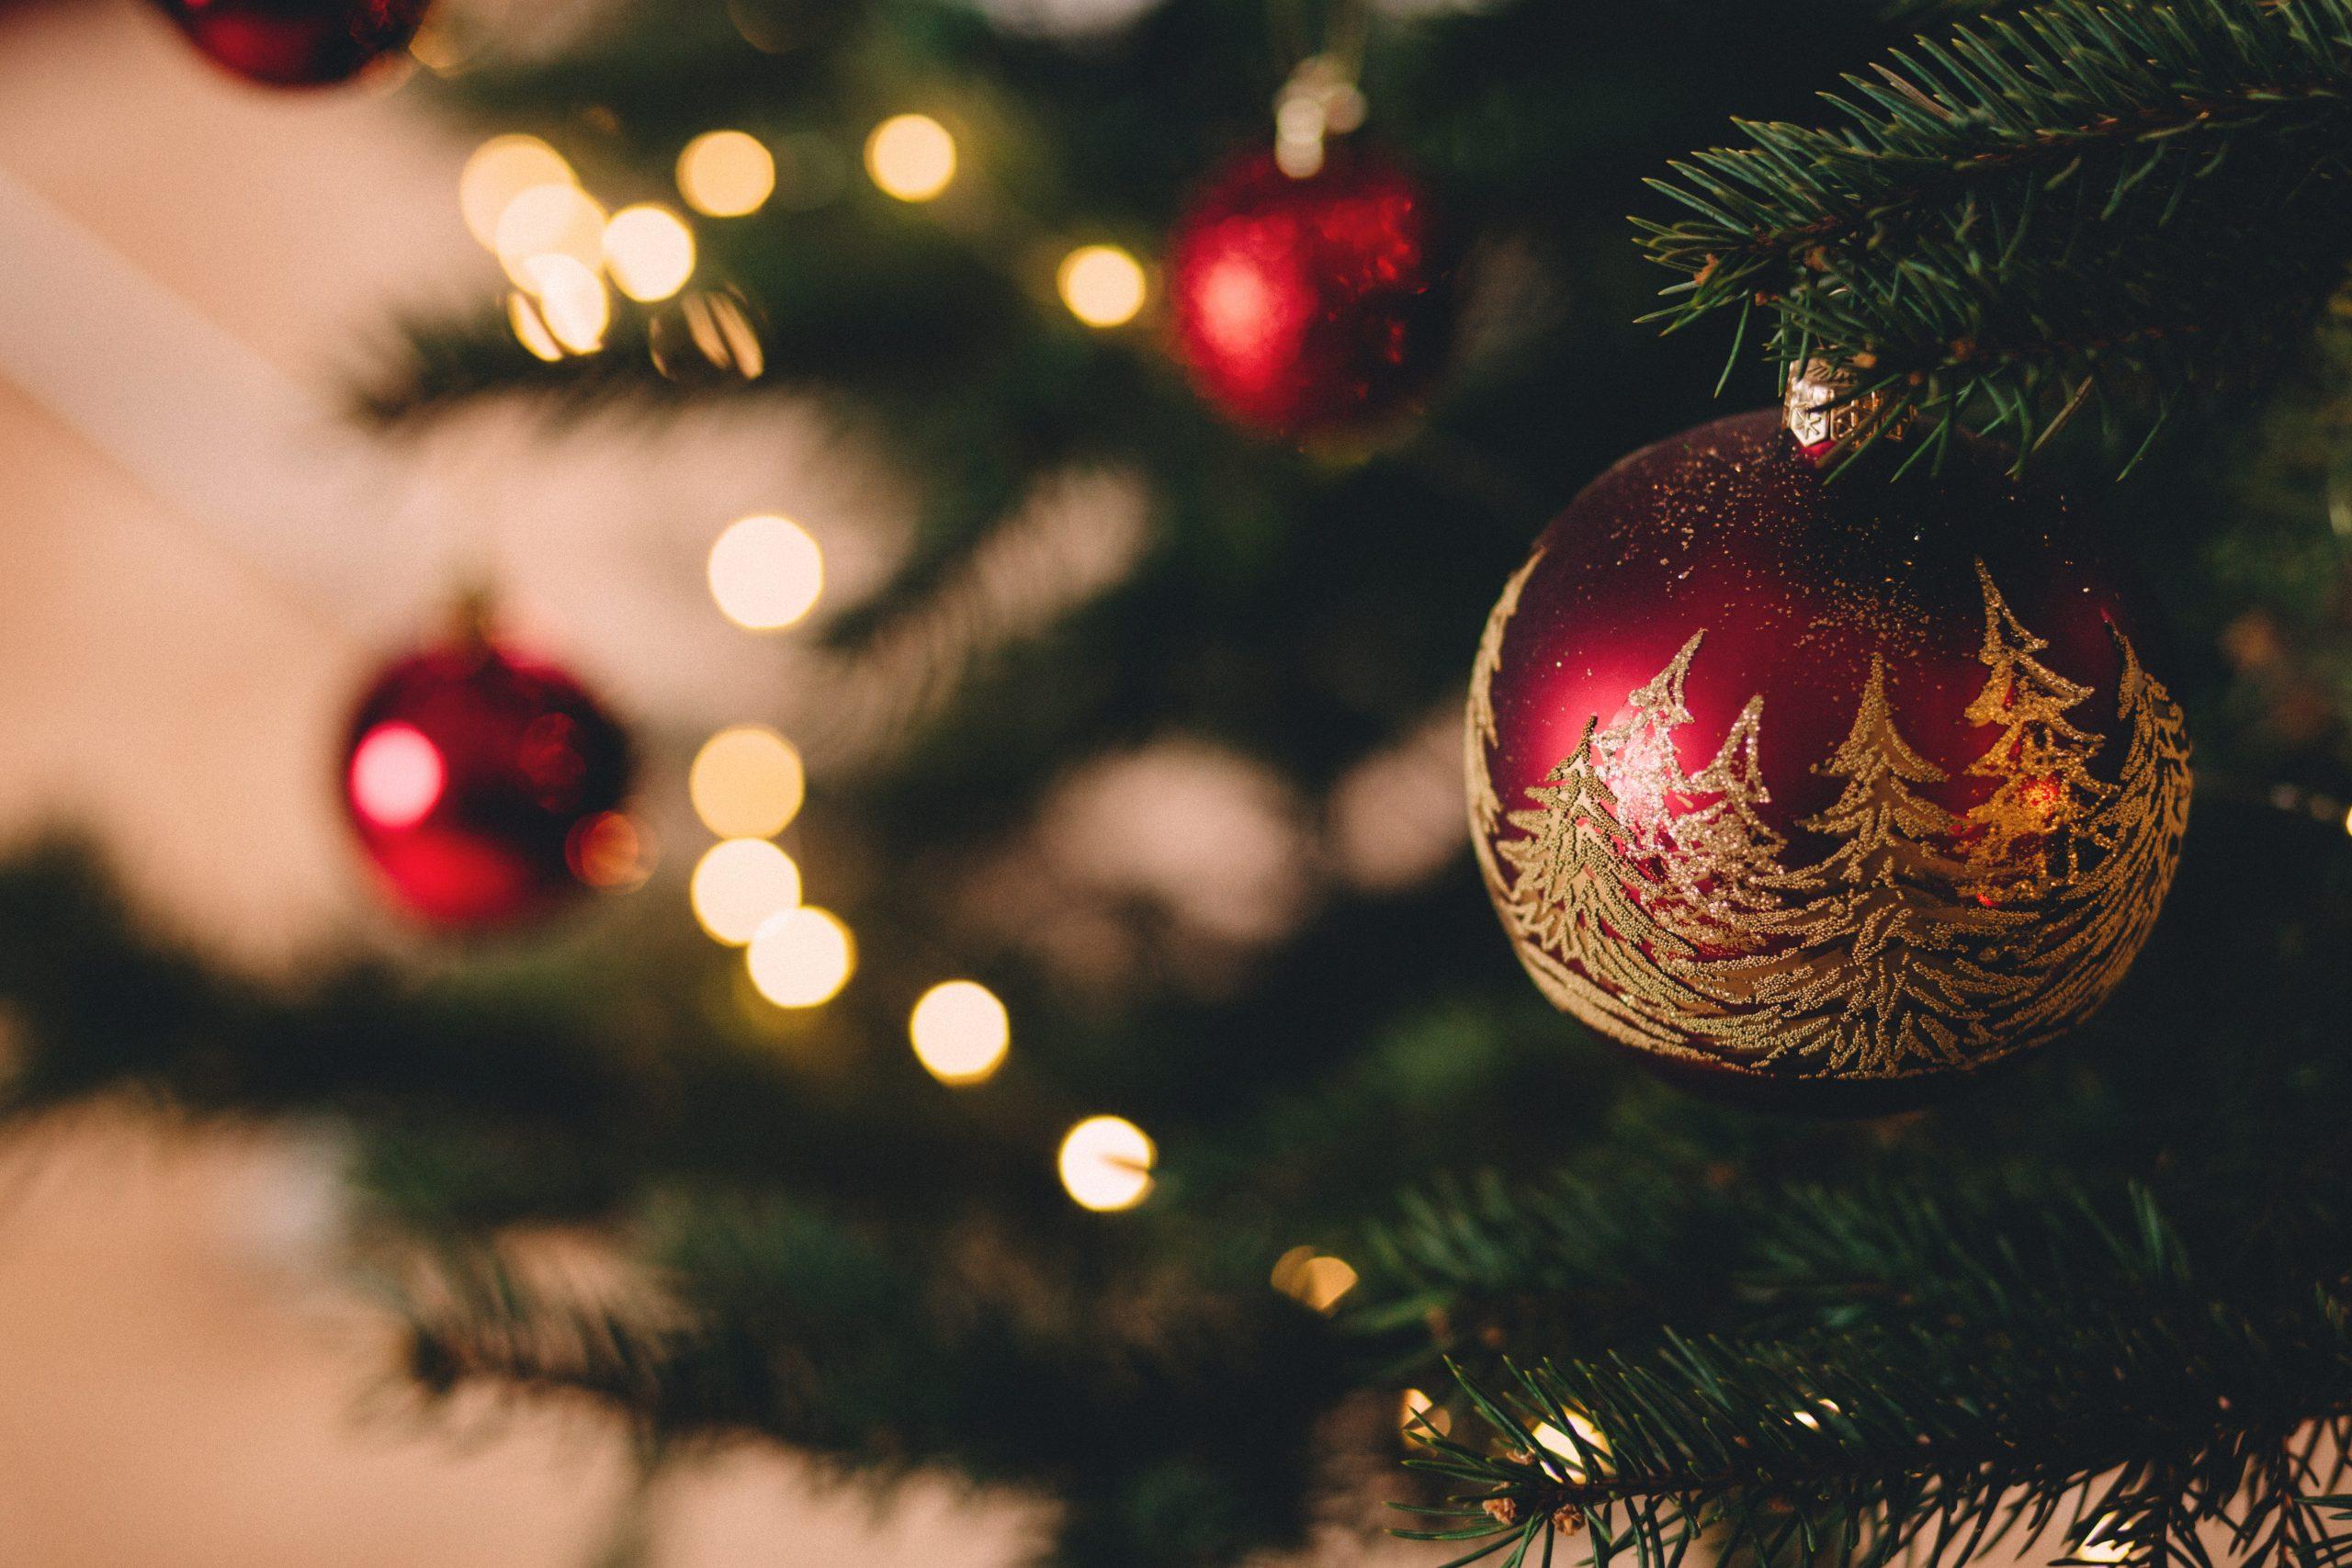 """Foto de bolinhas de Natal presos à uma árvore de Natal para a pauta """"Cuidados na decoração natalina do seu apartamento"""" do Blog da Estasa"""